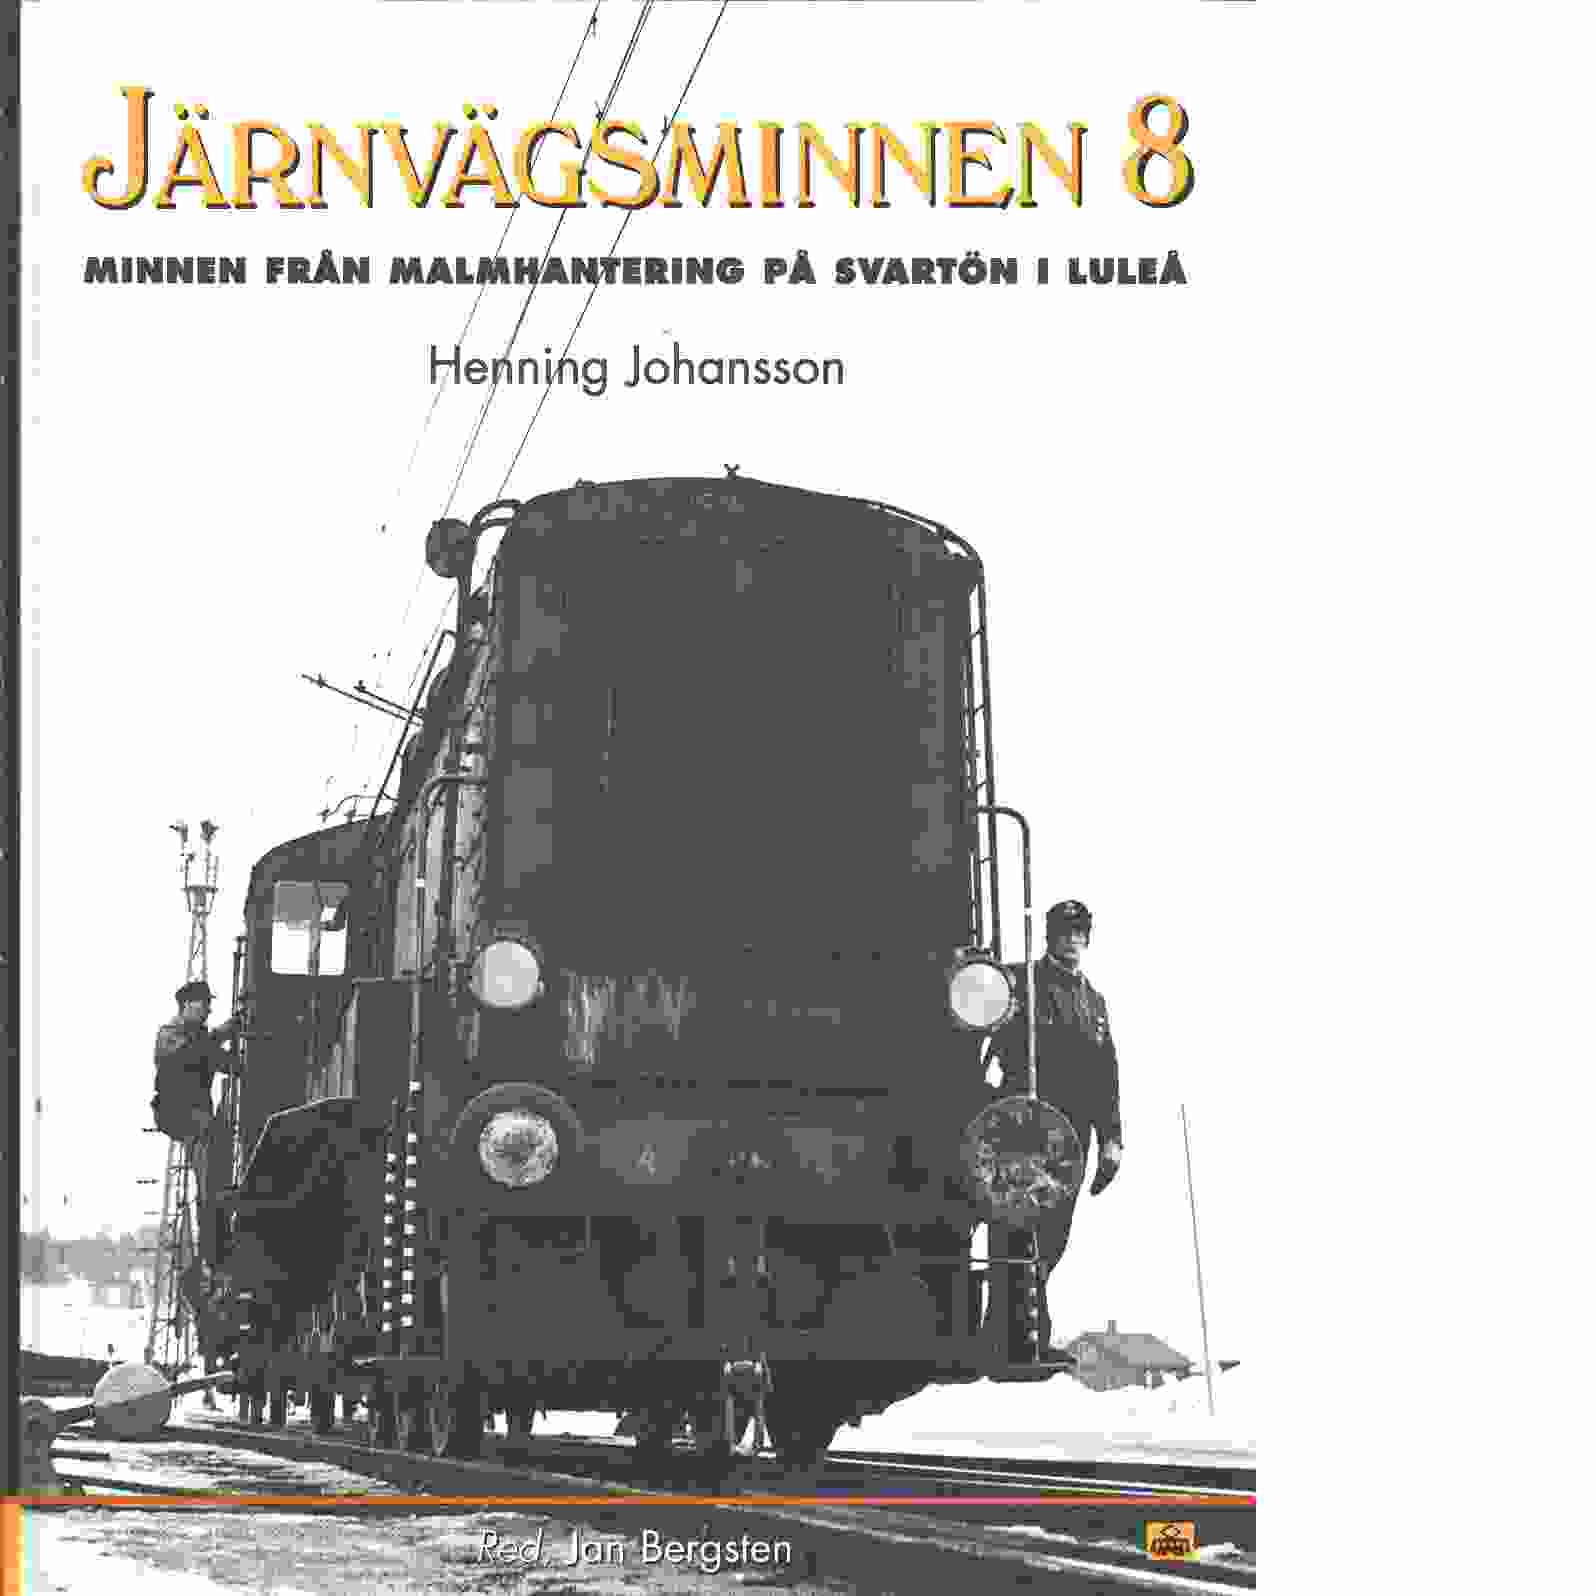 Järnvägsminnen. 8, Minnen från malmhantering på Svartön i Luleå - Johansson, Henning